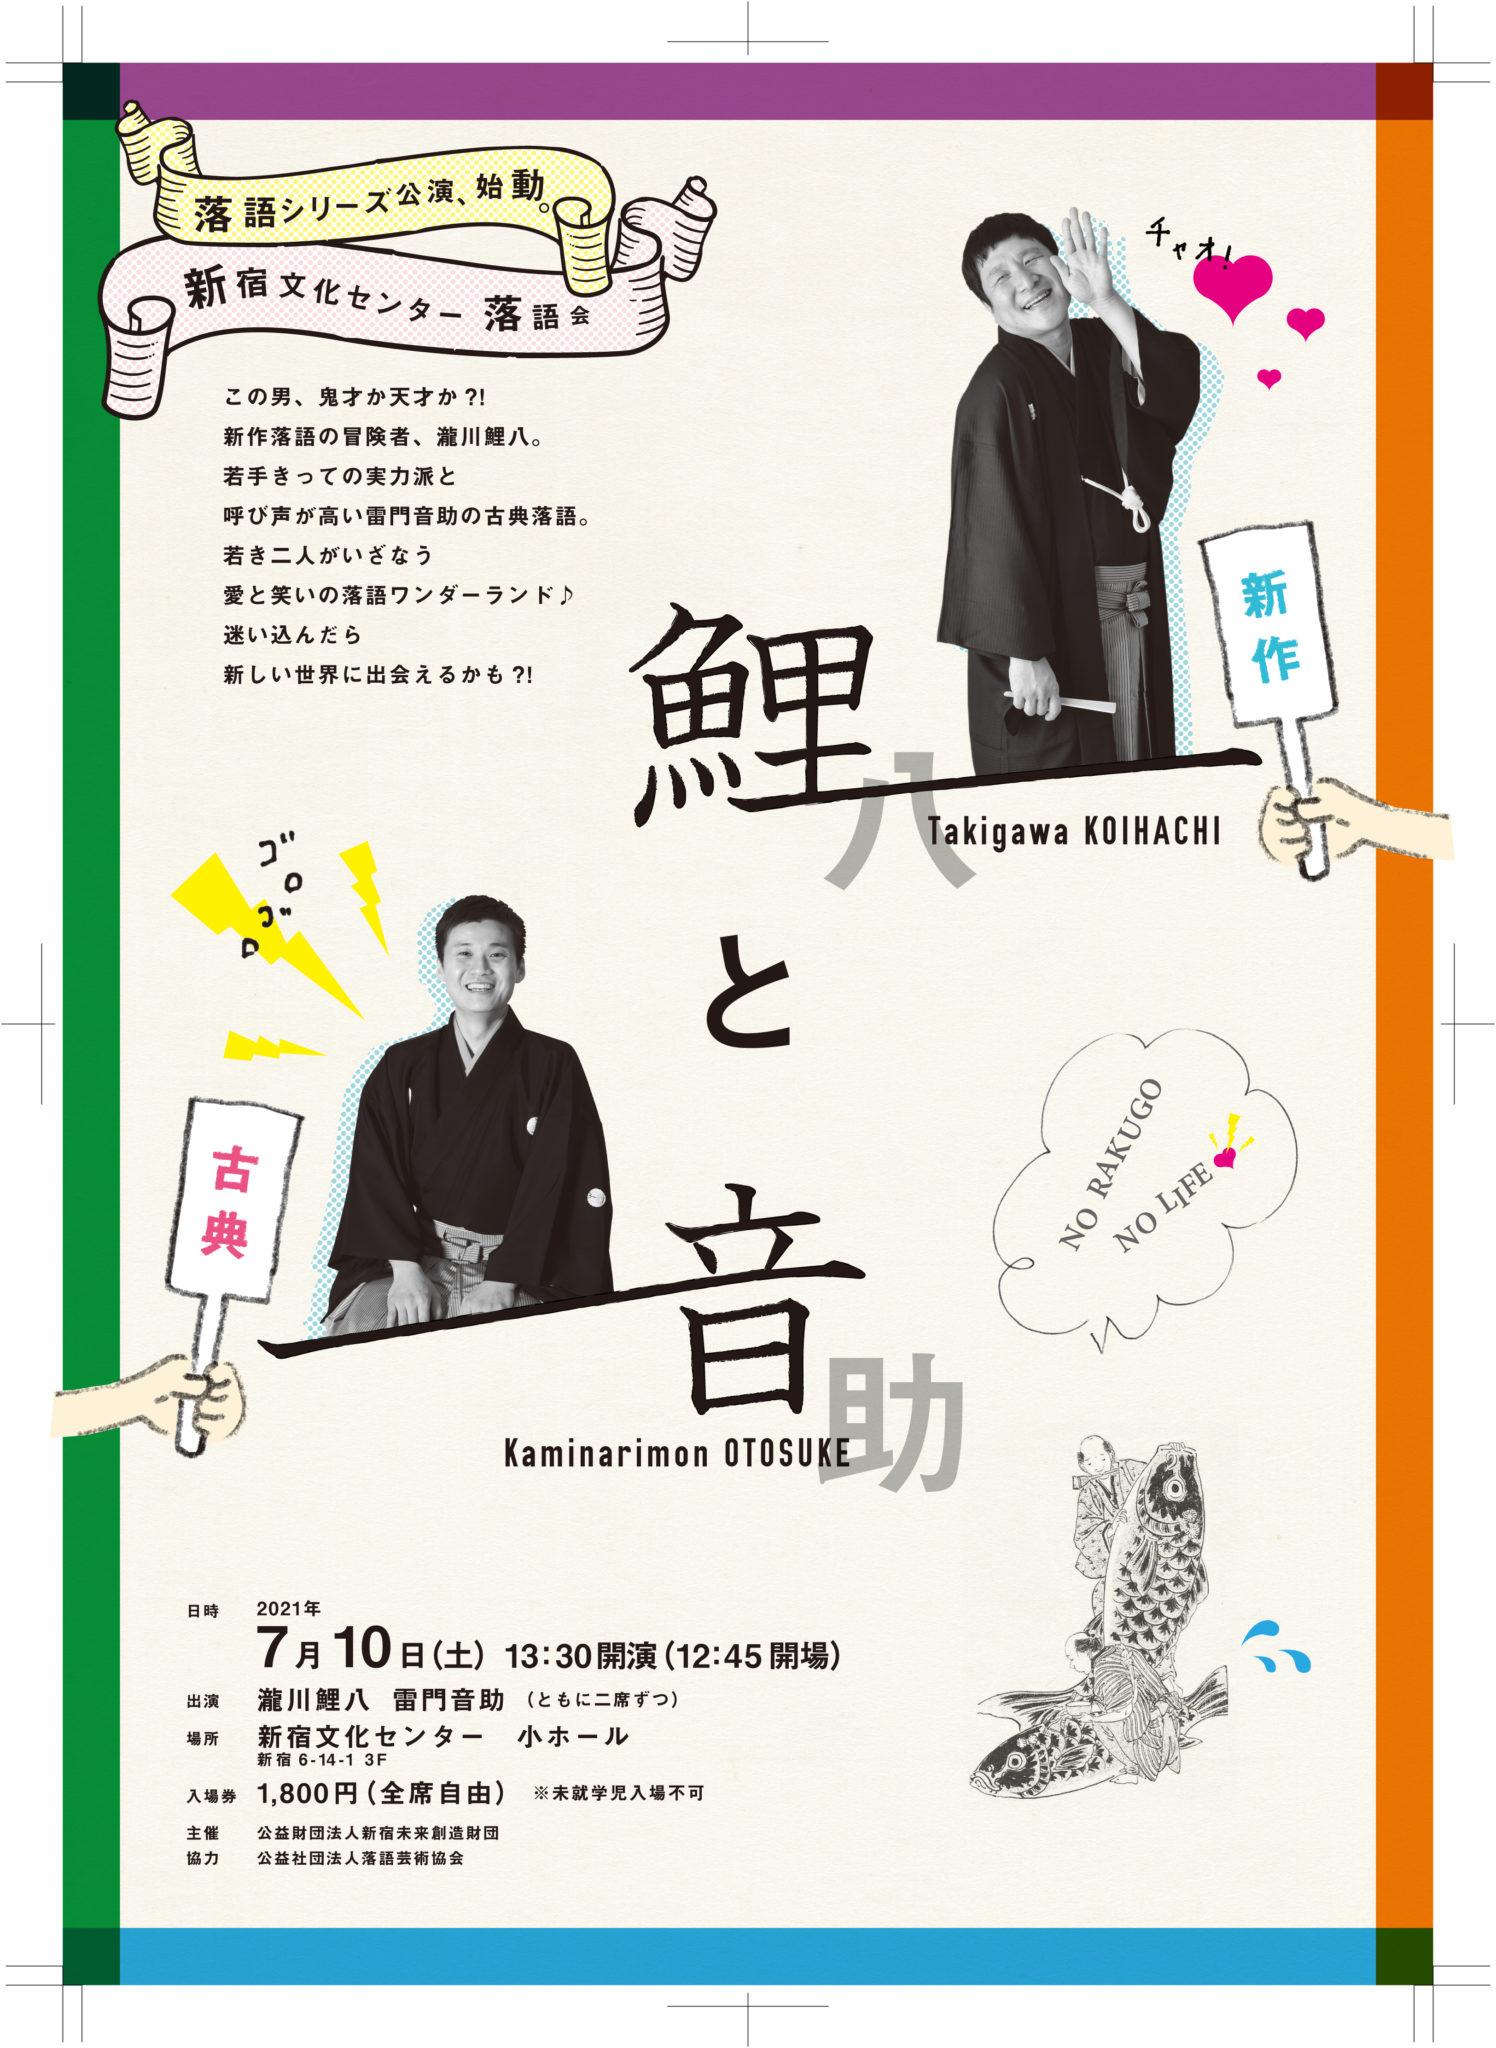 新宿文化センター落語会